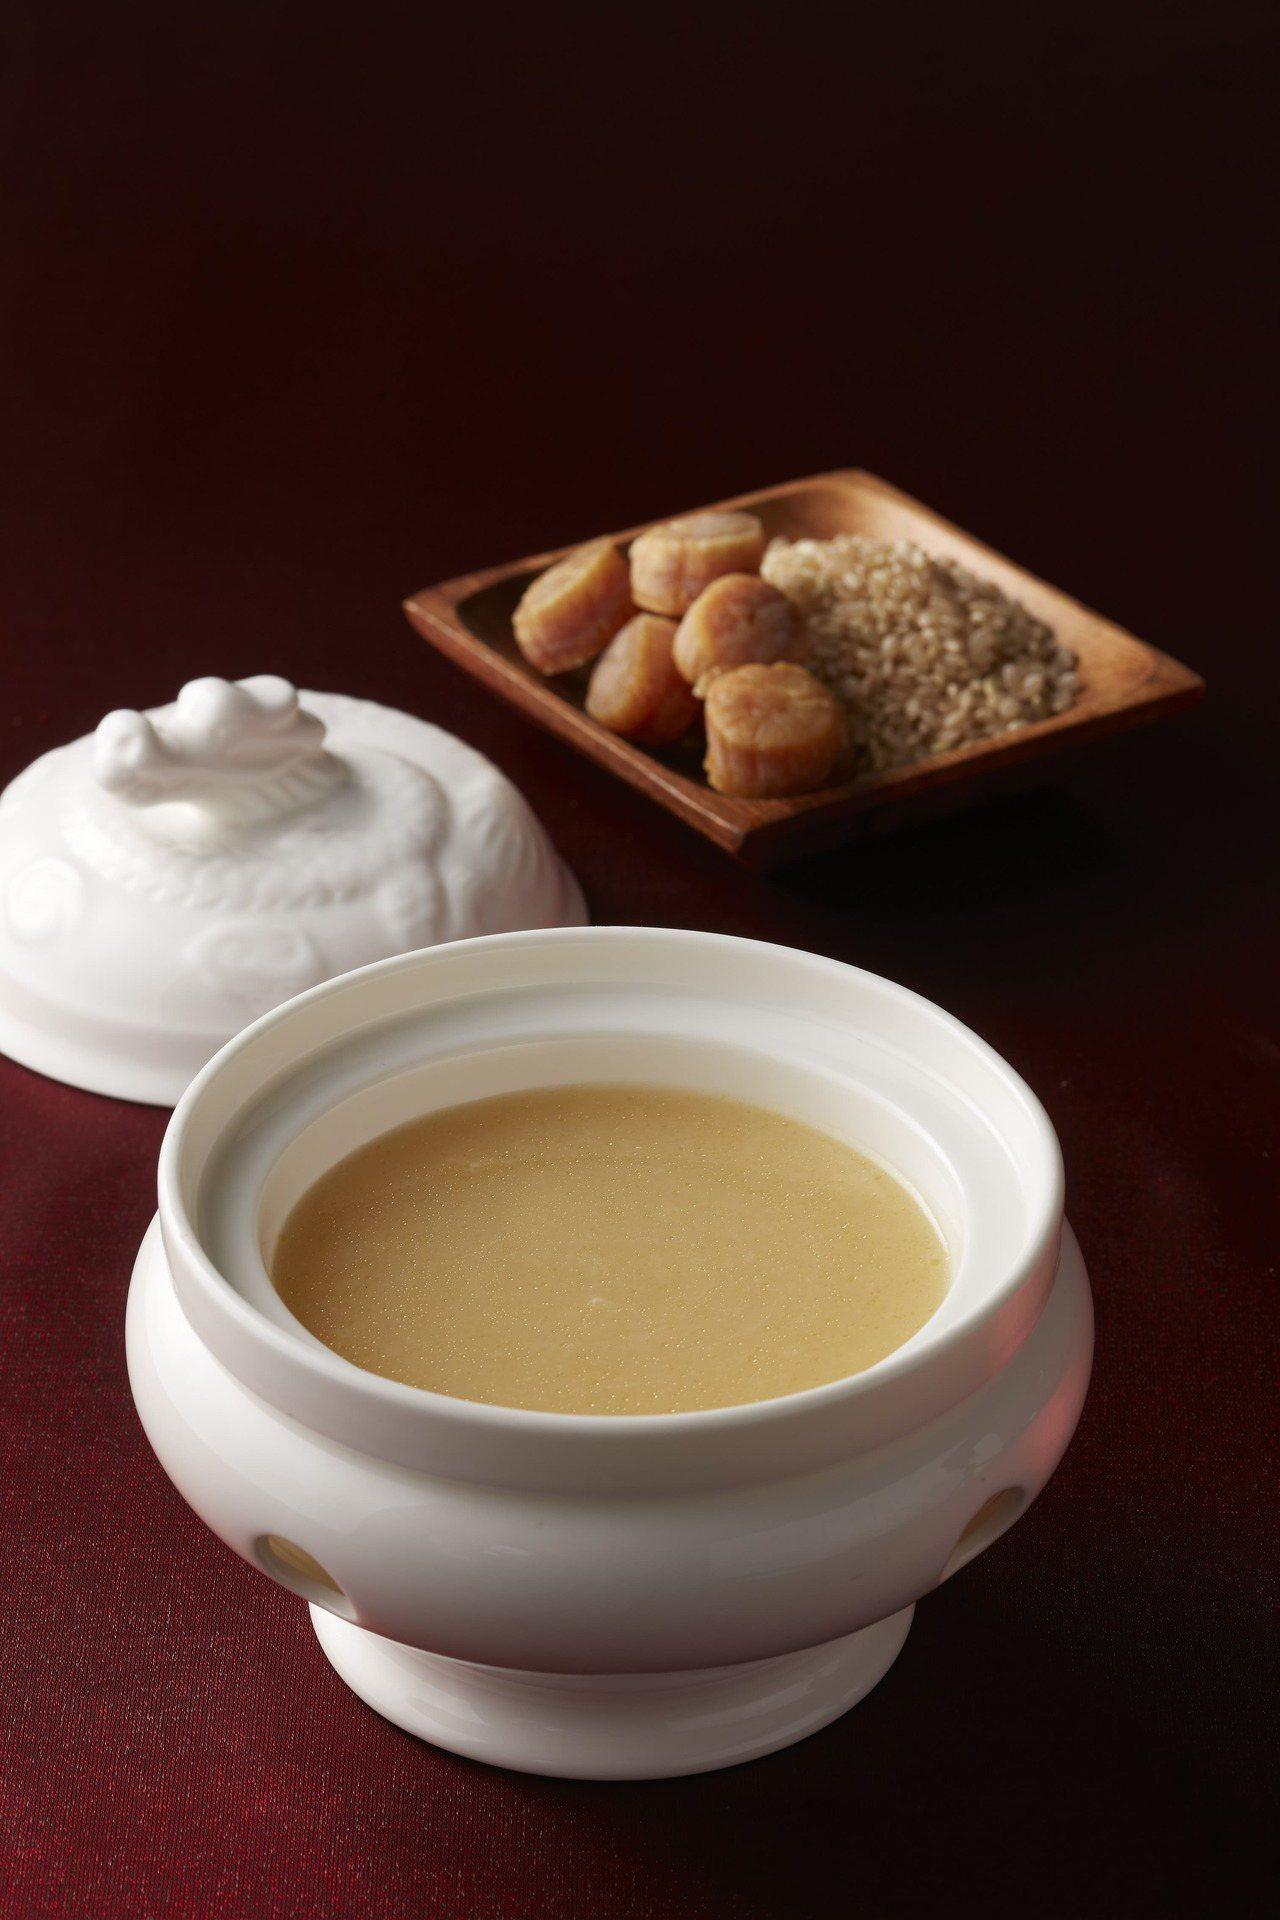 元氣滿滿的「寒舍雞粥」。 圖/台北寒舍艾美酒店提供